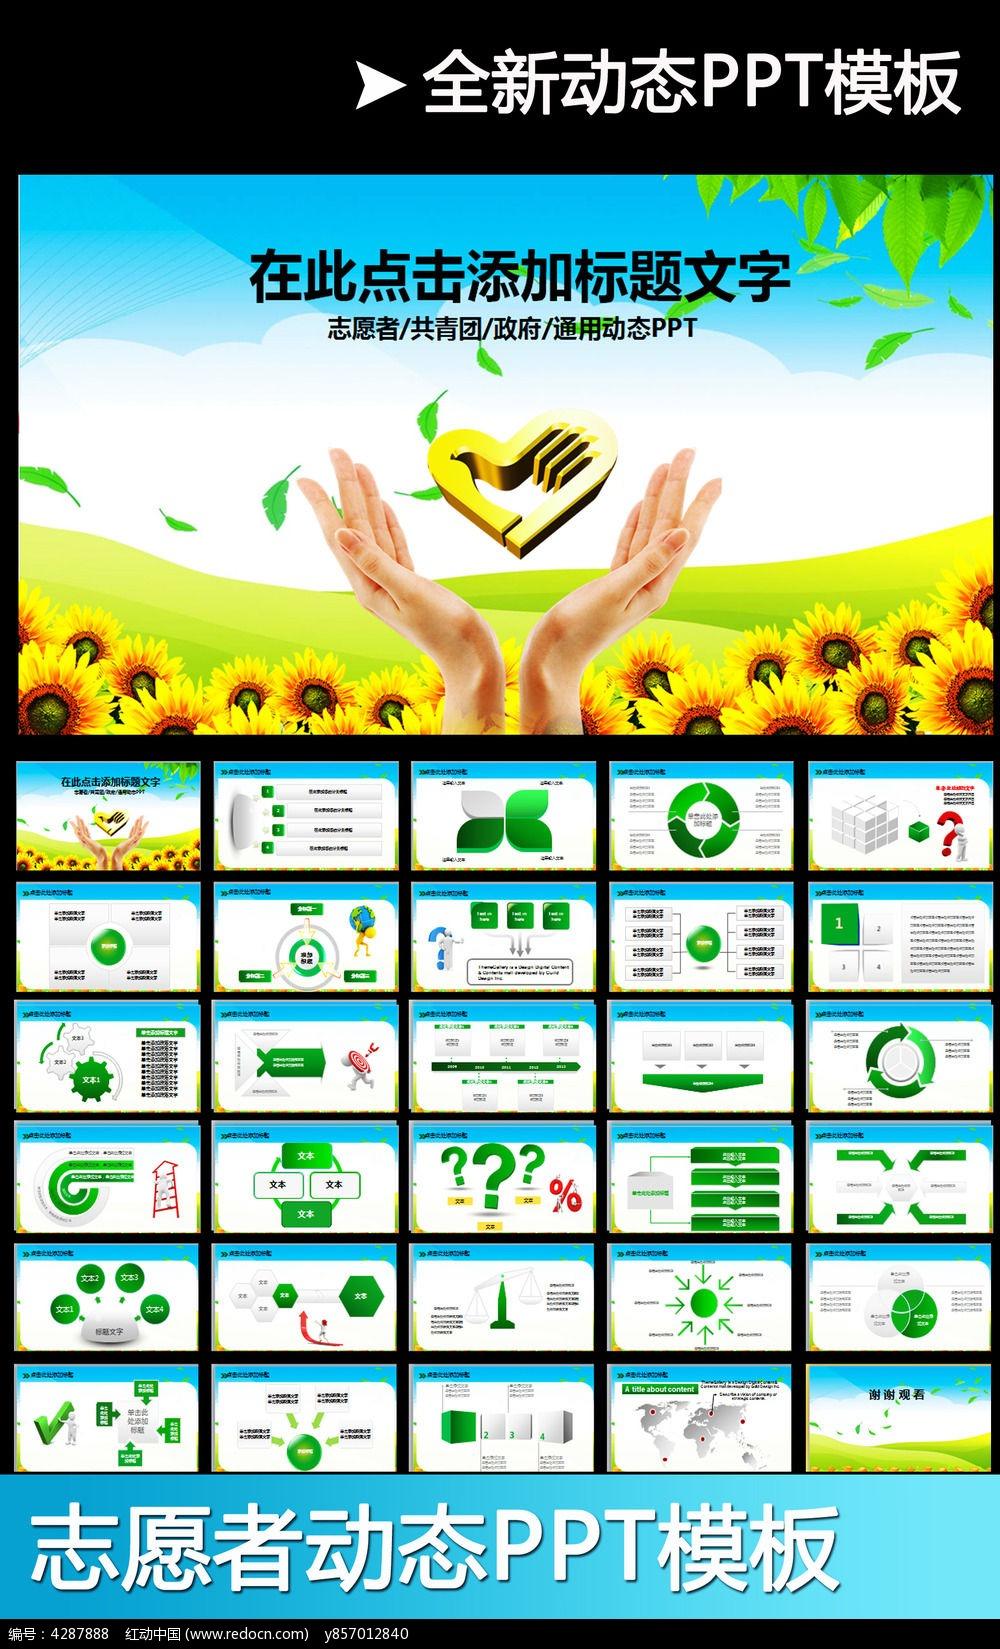 标签:青年 社区 志愿者 党政 2015 共青团 团委 PPT 模板 图表 动态